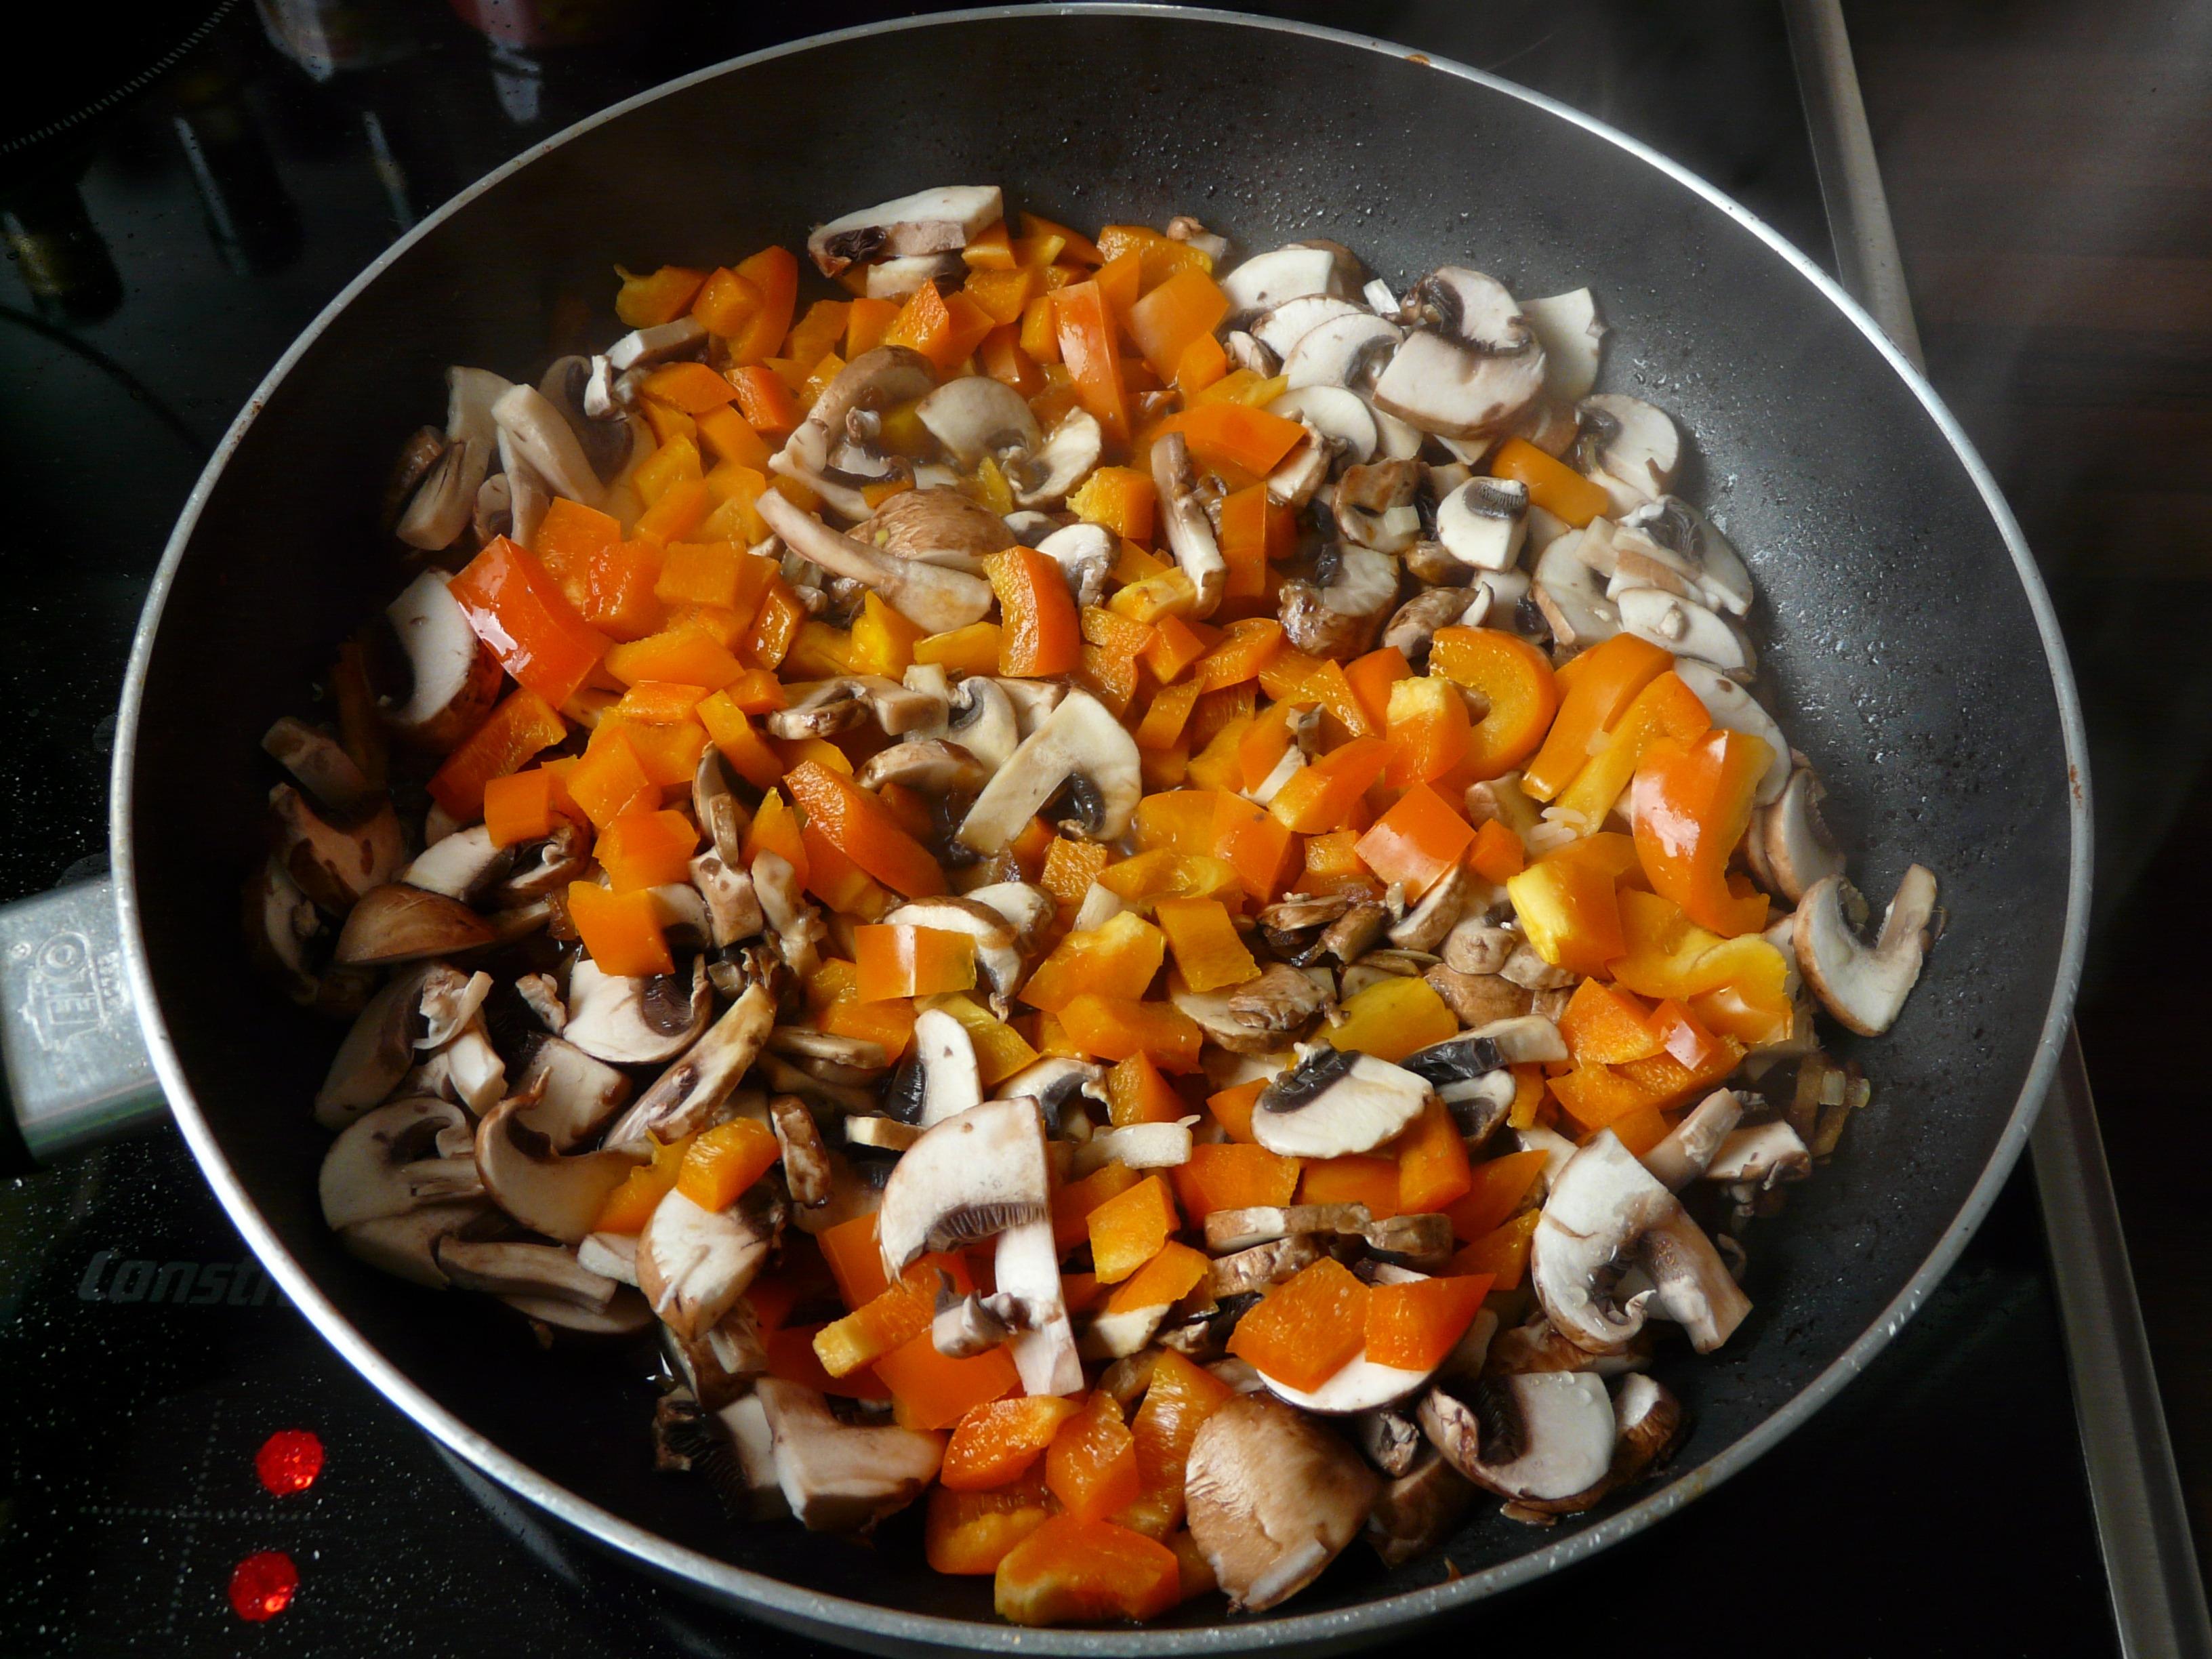 Plato Comida Comida Produce Vegetal Desayuno Cocina Pan Cocinar Estofado  Vegetales Hongos Comida Vegetariana Pimenton Cucurbita